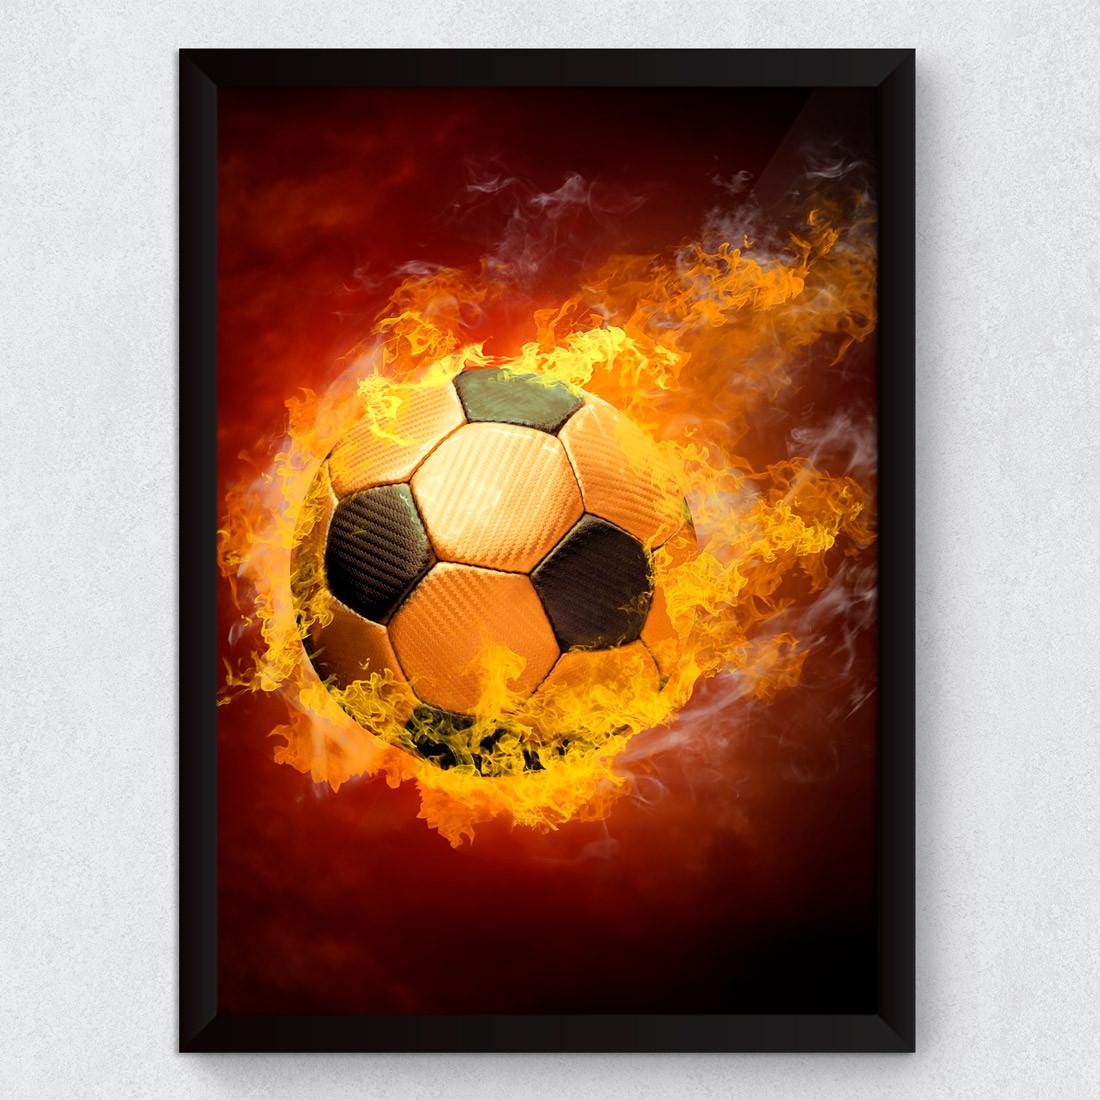 Quadro Decorativo Bola de Futebol Pegando Fogo - Modelo Exclusivo ... 237cdc7ad9558